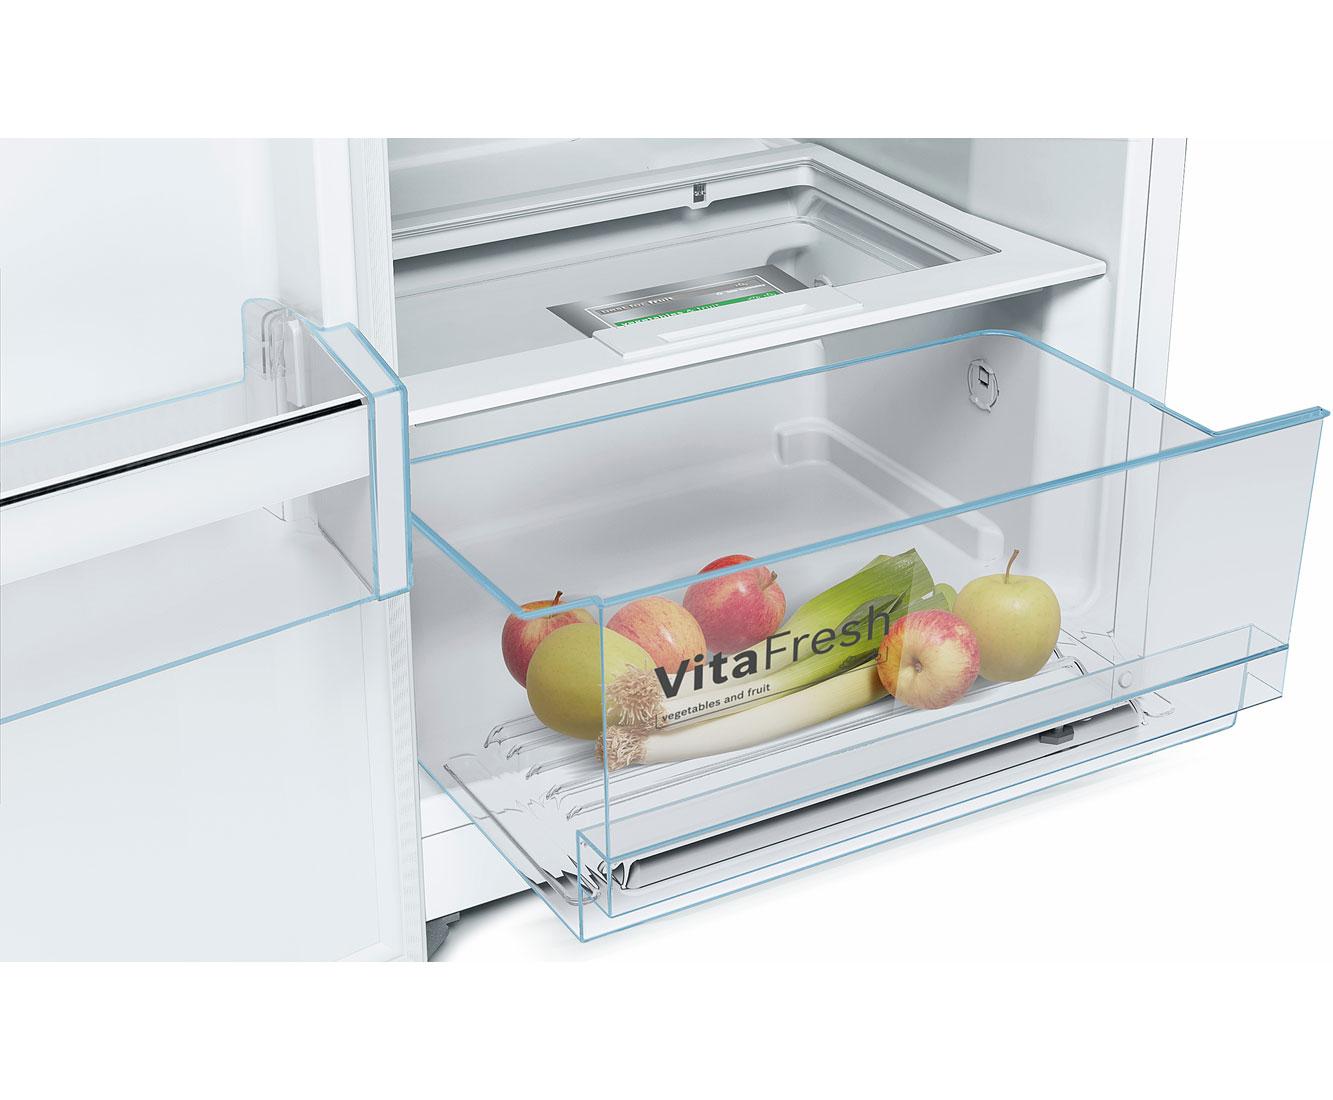 Bosch Kühlschrank Kgn 39 Xi 41 : Bosch ksv vw p energieeffiziente kühl und gefrierschränke auf